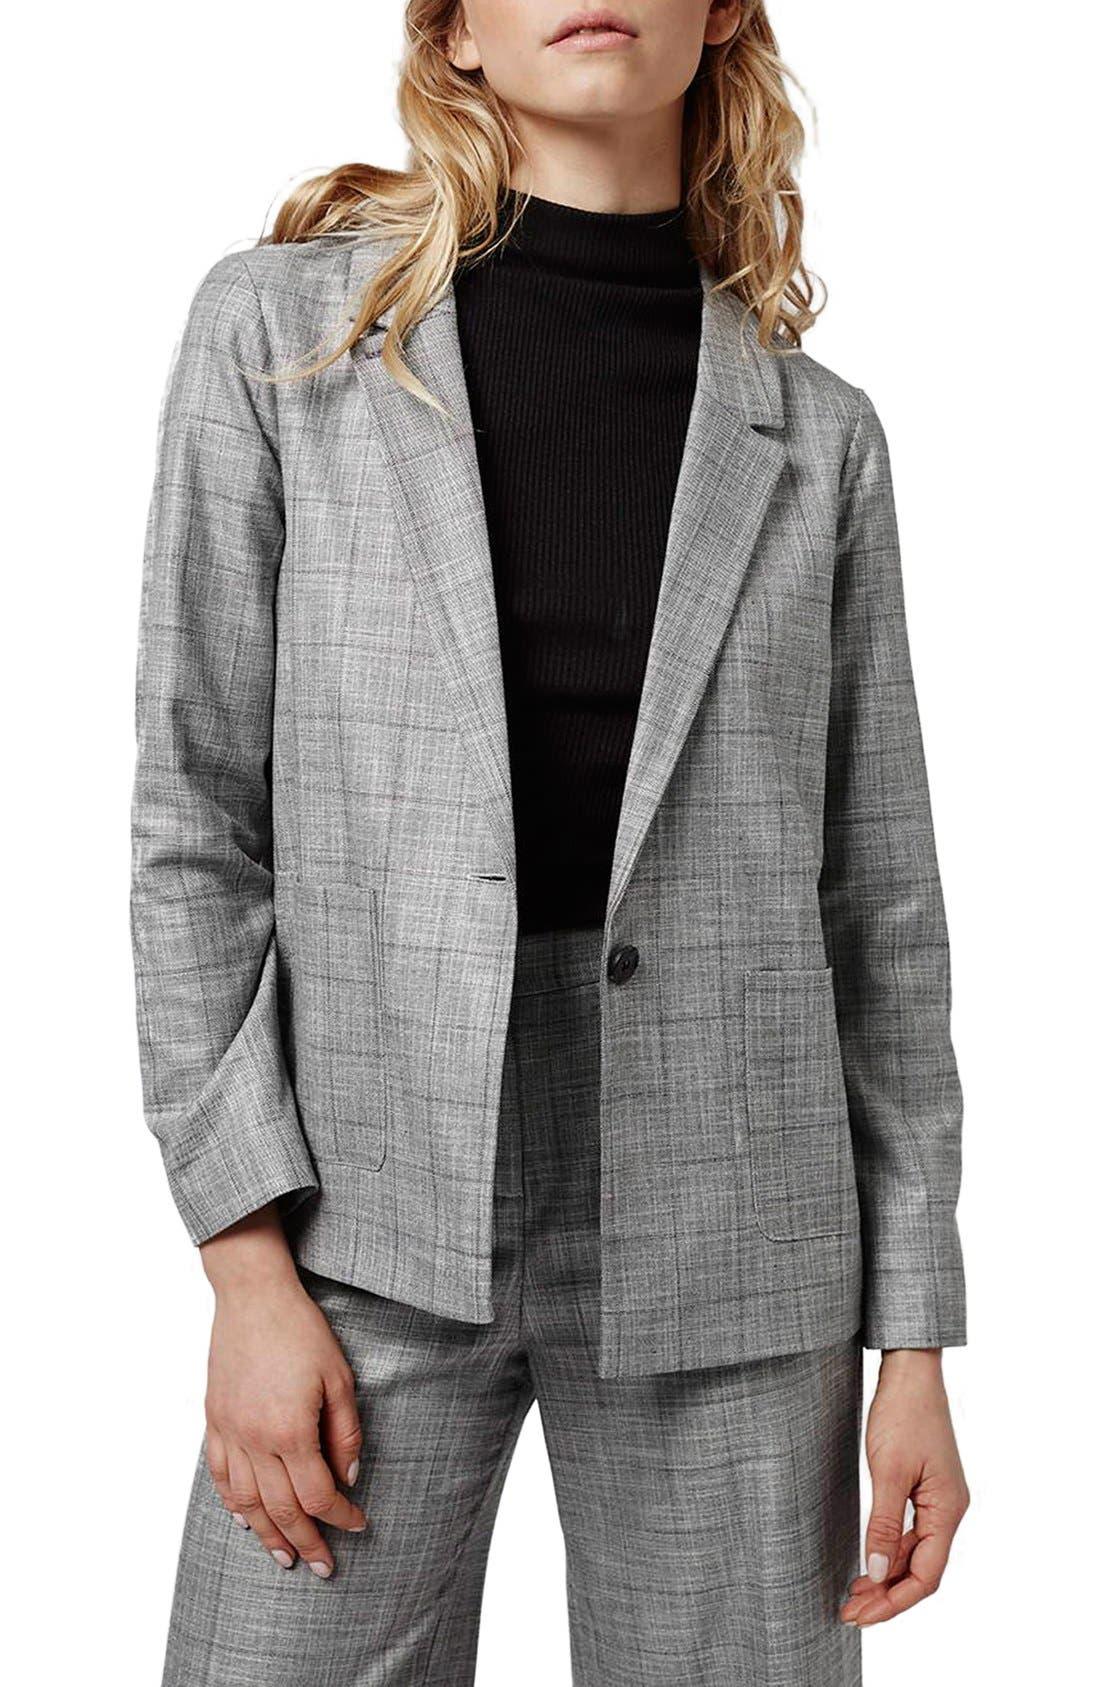 TOPSHOP 'Check Tonic' One-Button Suit Blazer, Main, color, 020